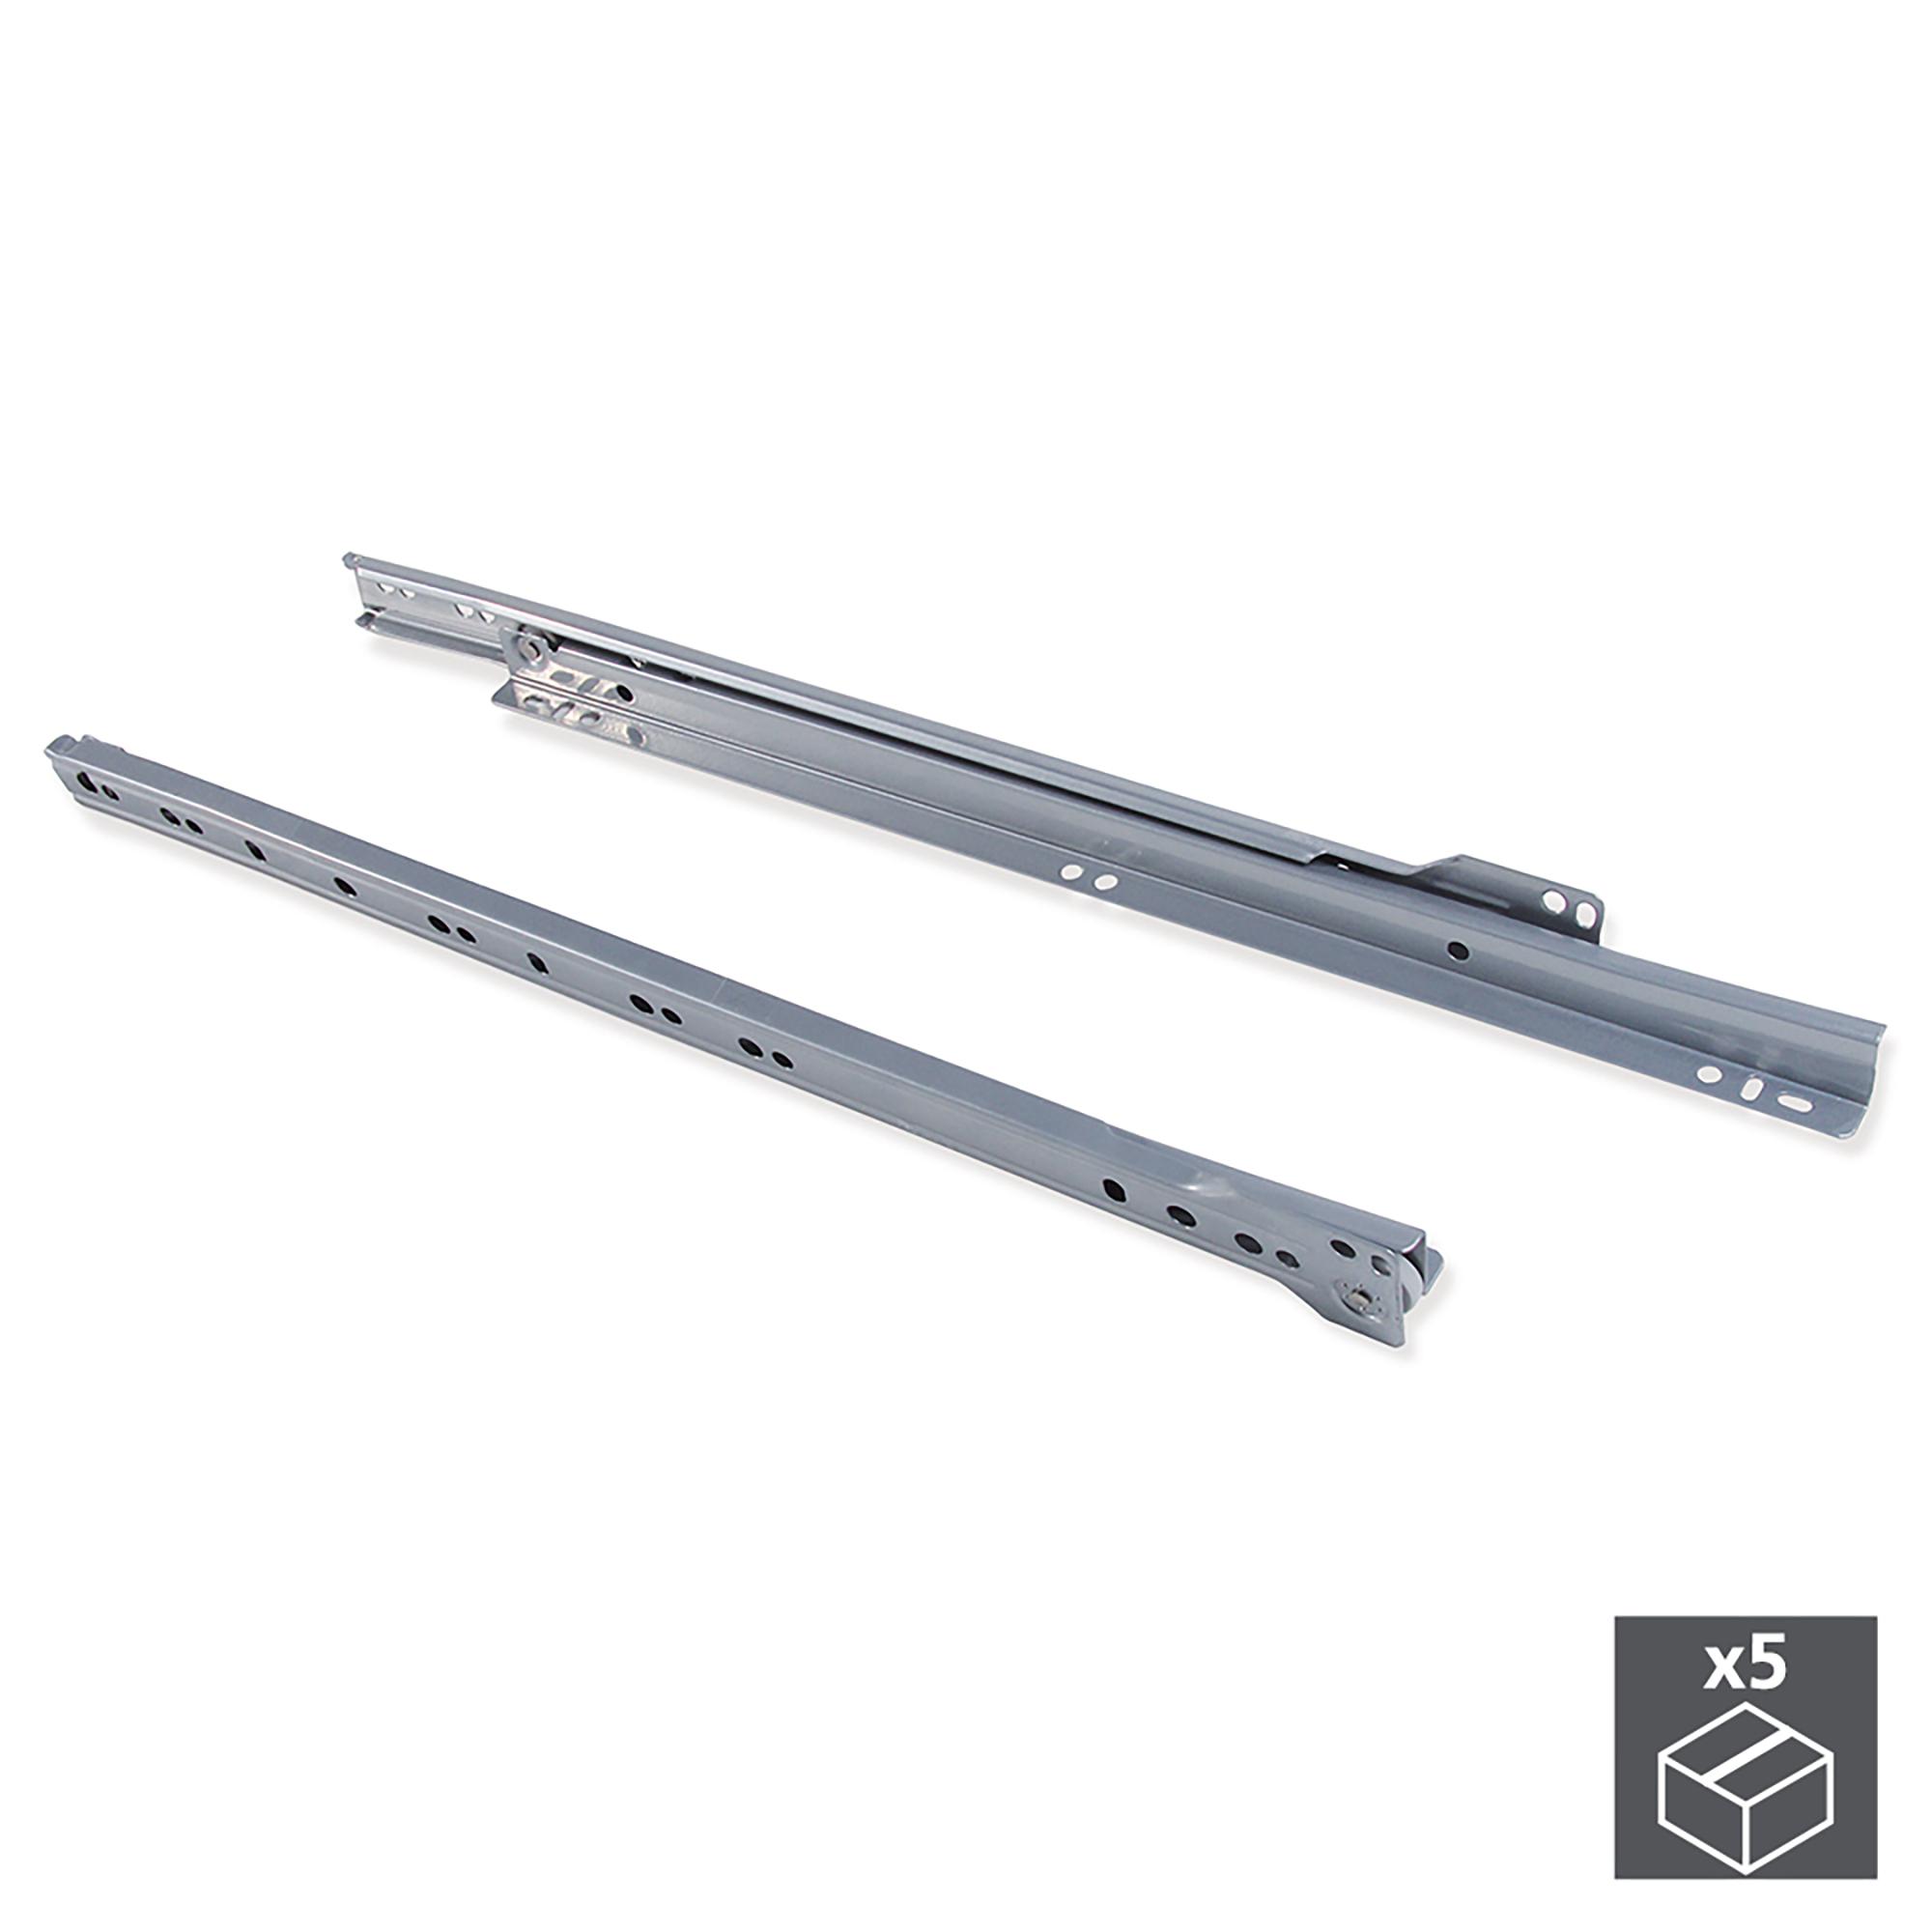 Emuca Kit Guide a rotella per cassetti, chiusura con caduta, 500 mm, a estrazione parziale, Grigio metallizzato, 5 u.